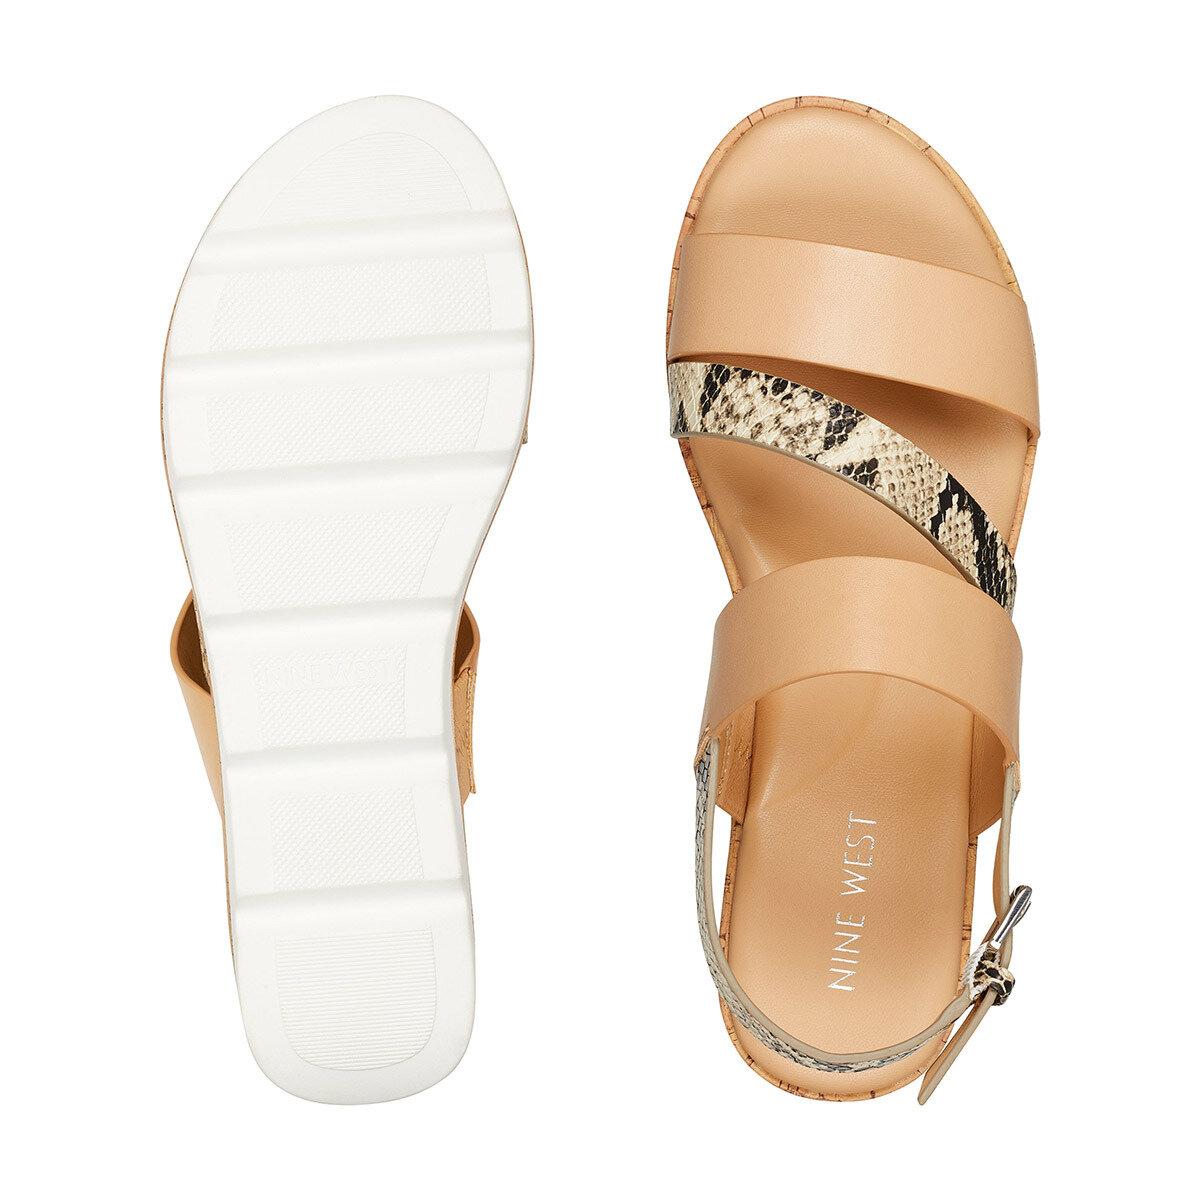 BILLIE3 Krem Kadın Düz Sandalet